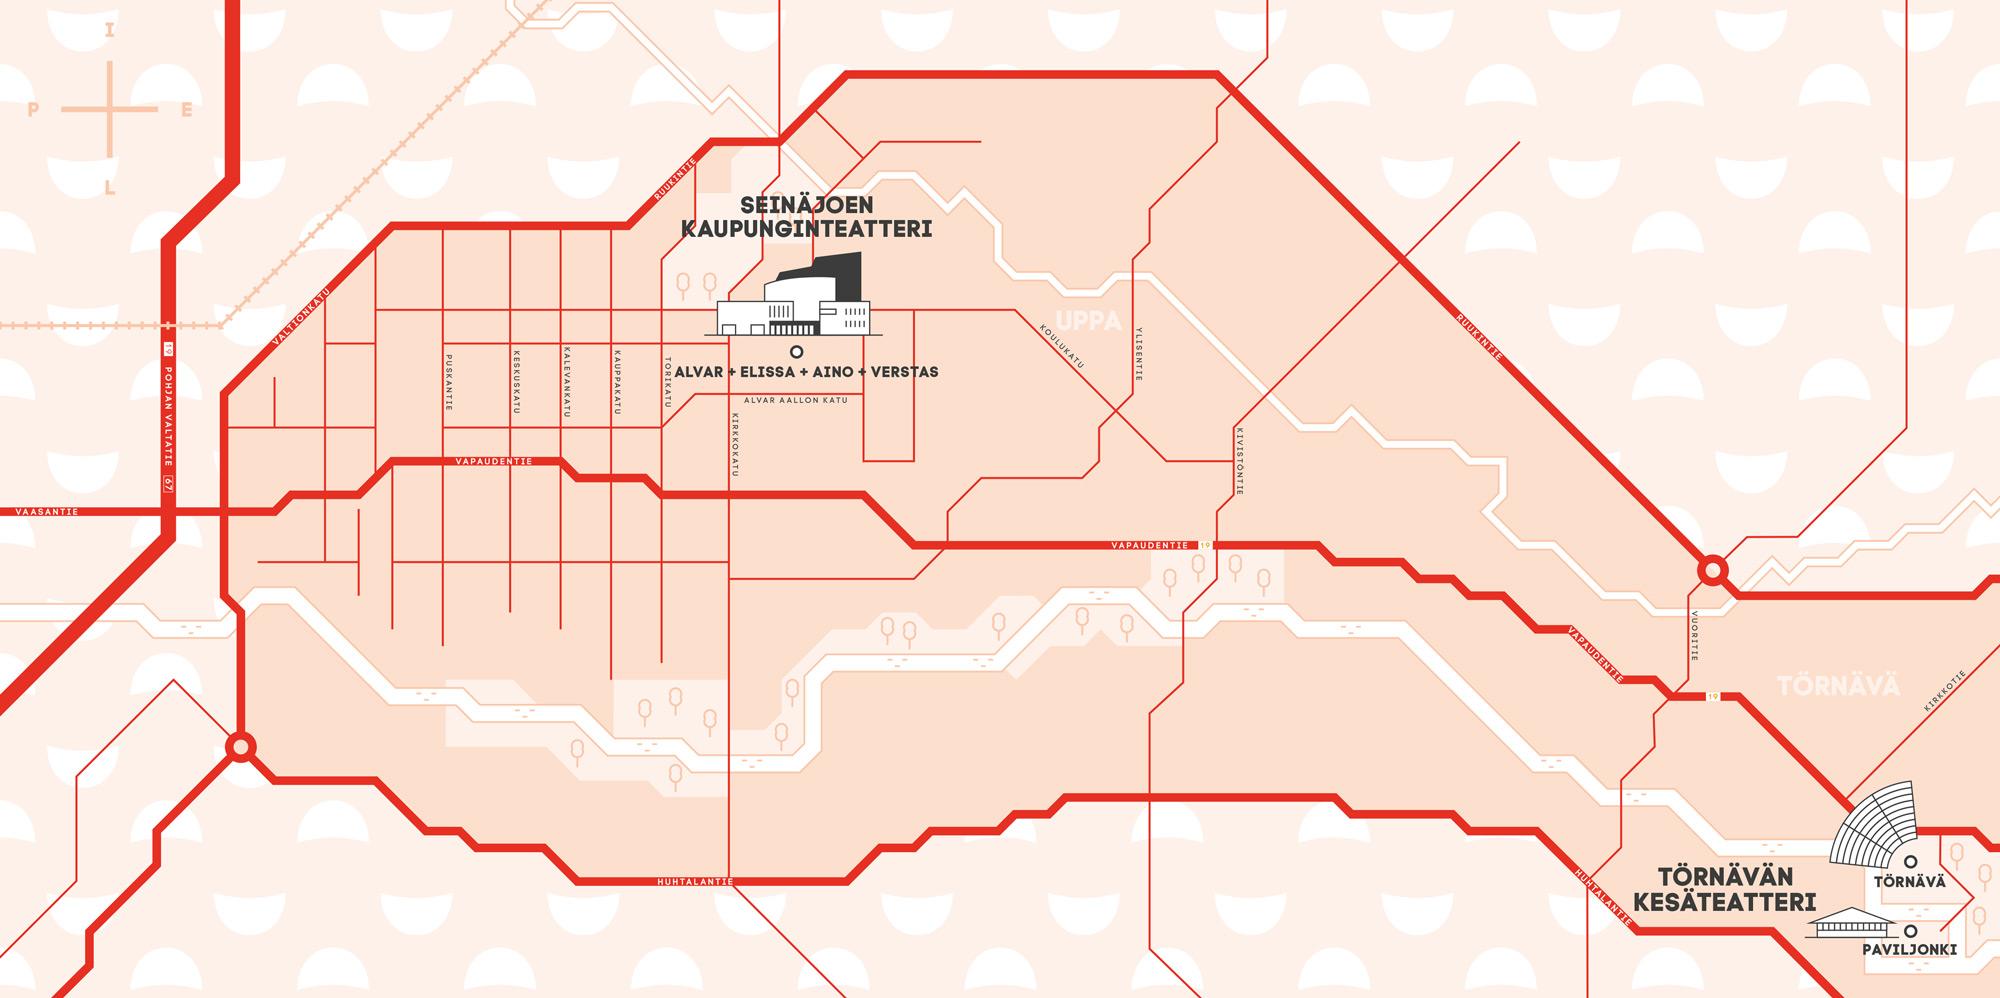 Seinäjoen kaupunginteatteri kartalla